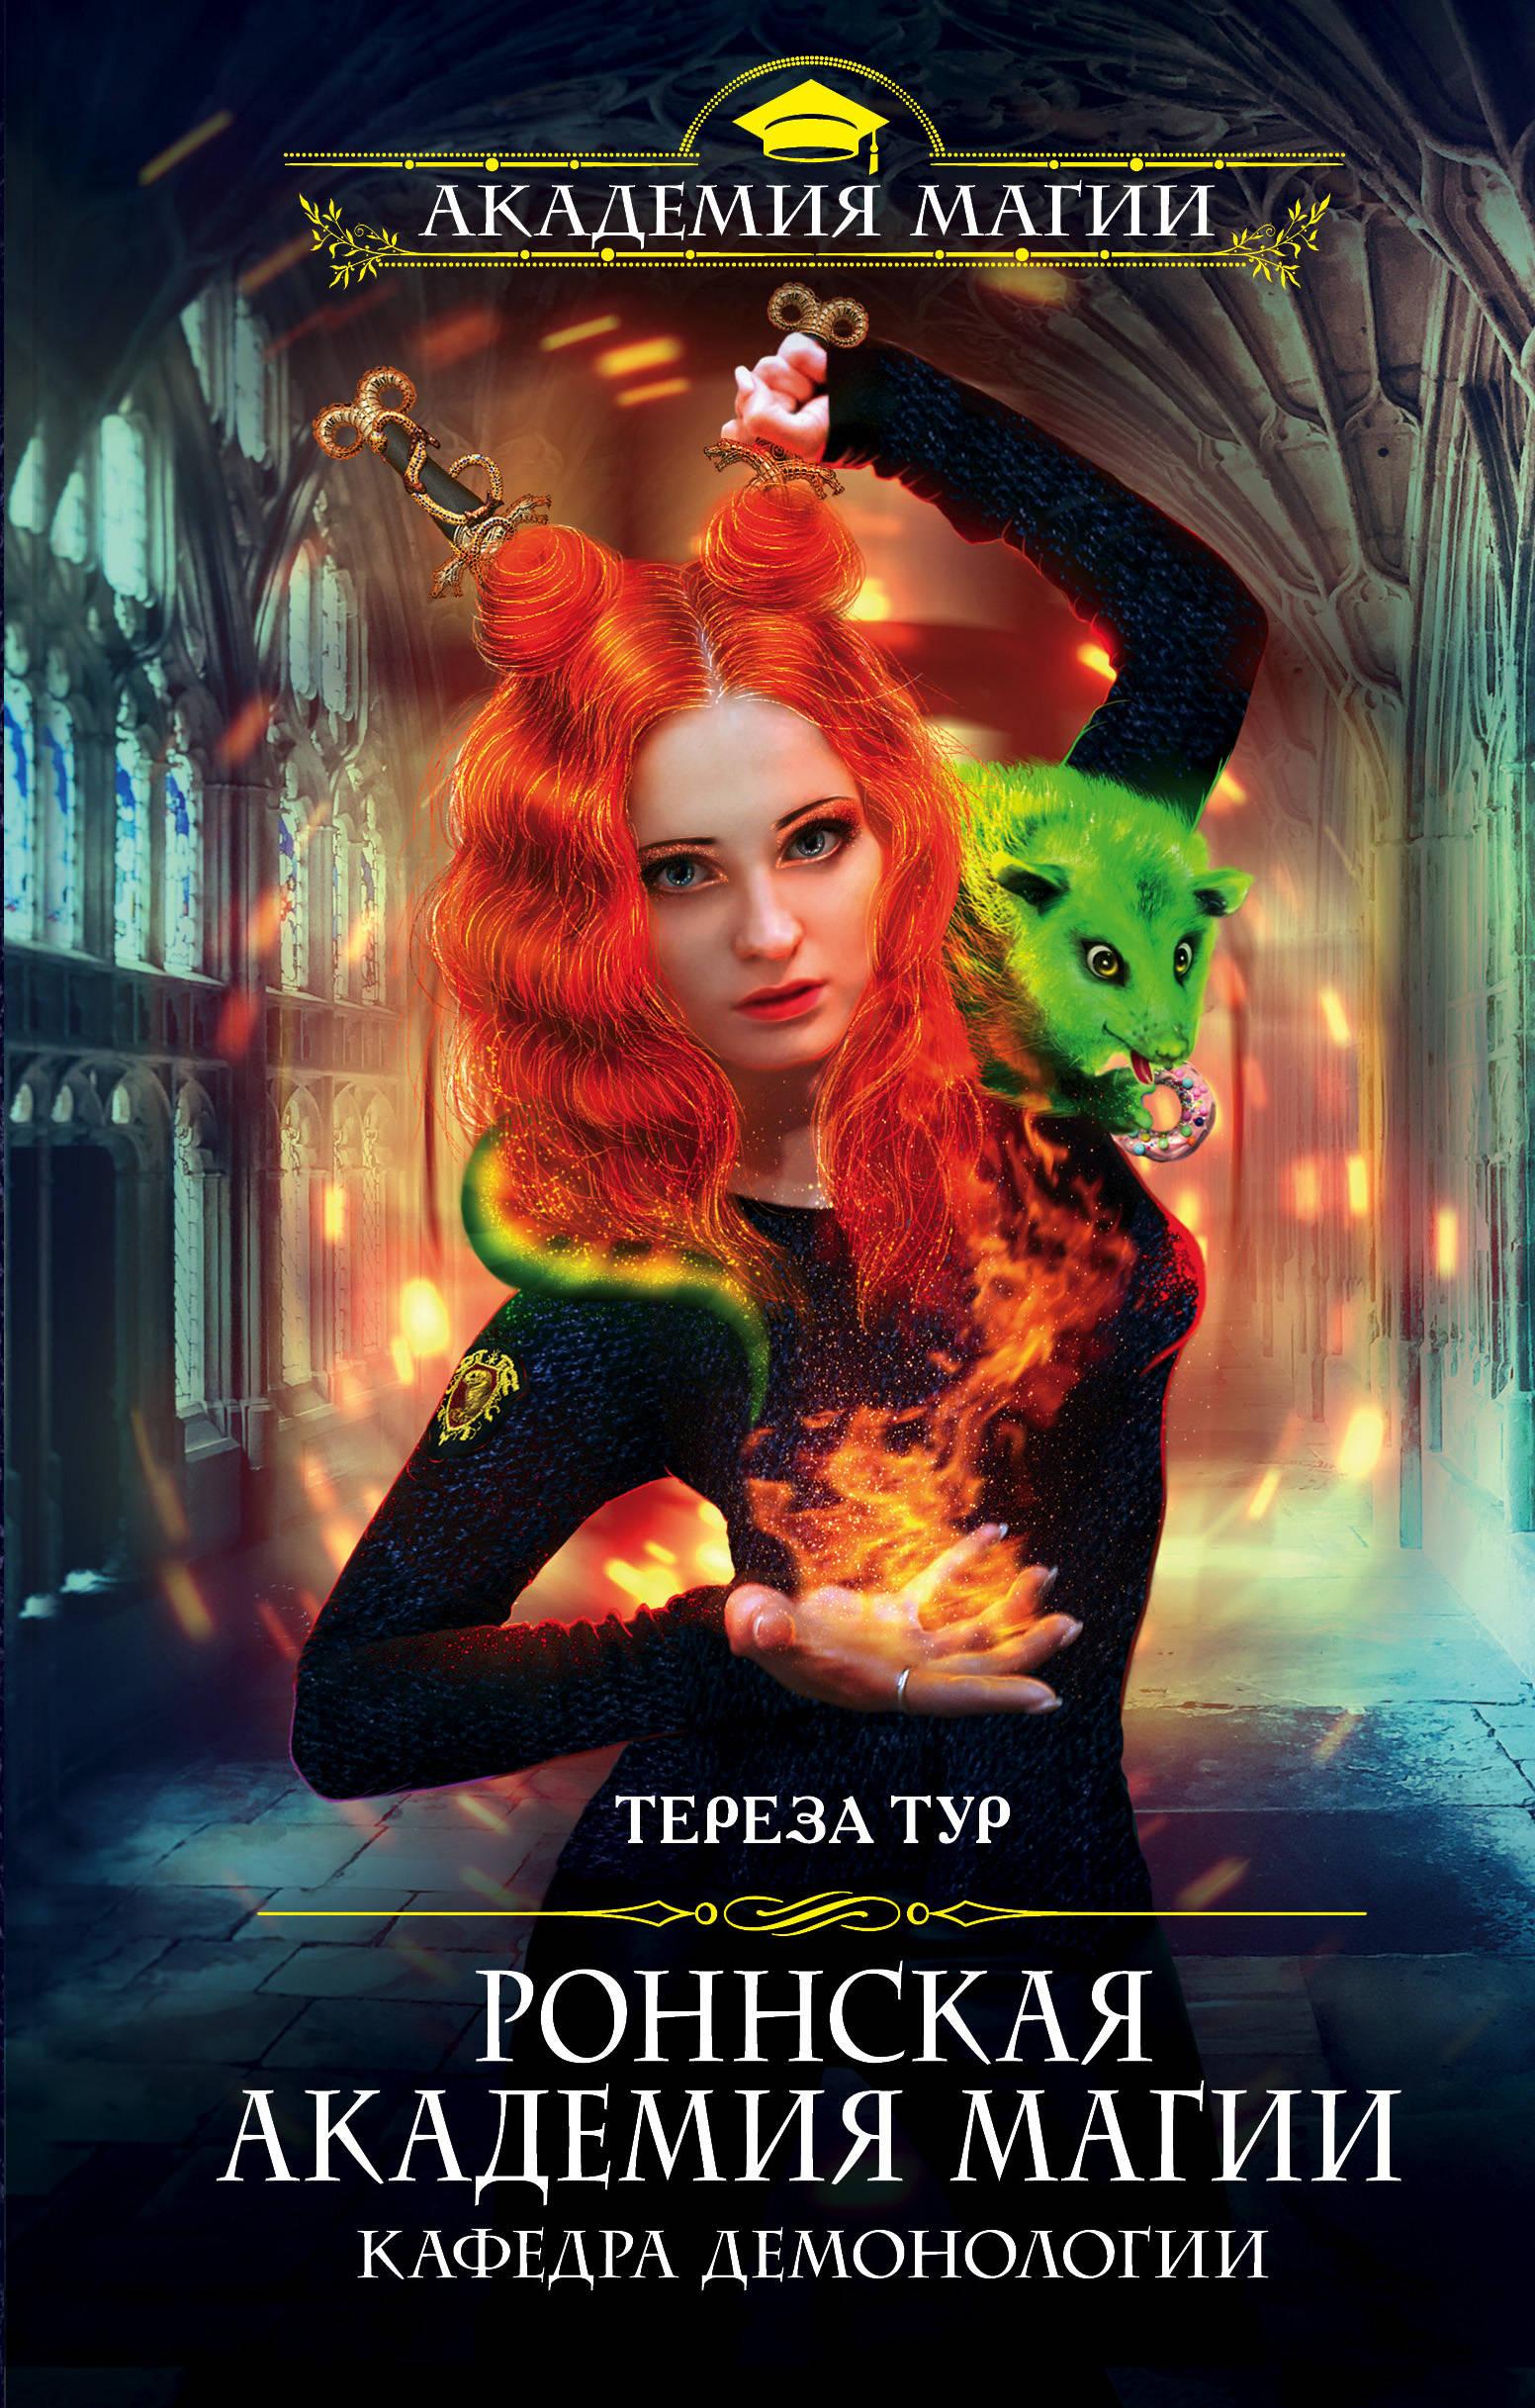 Тур Тереза Роннская Академия Магии. Кафедра демонологии